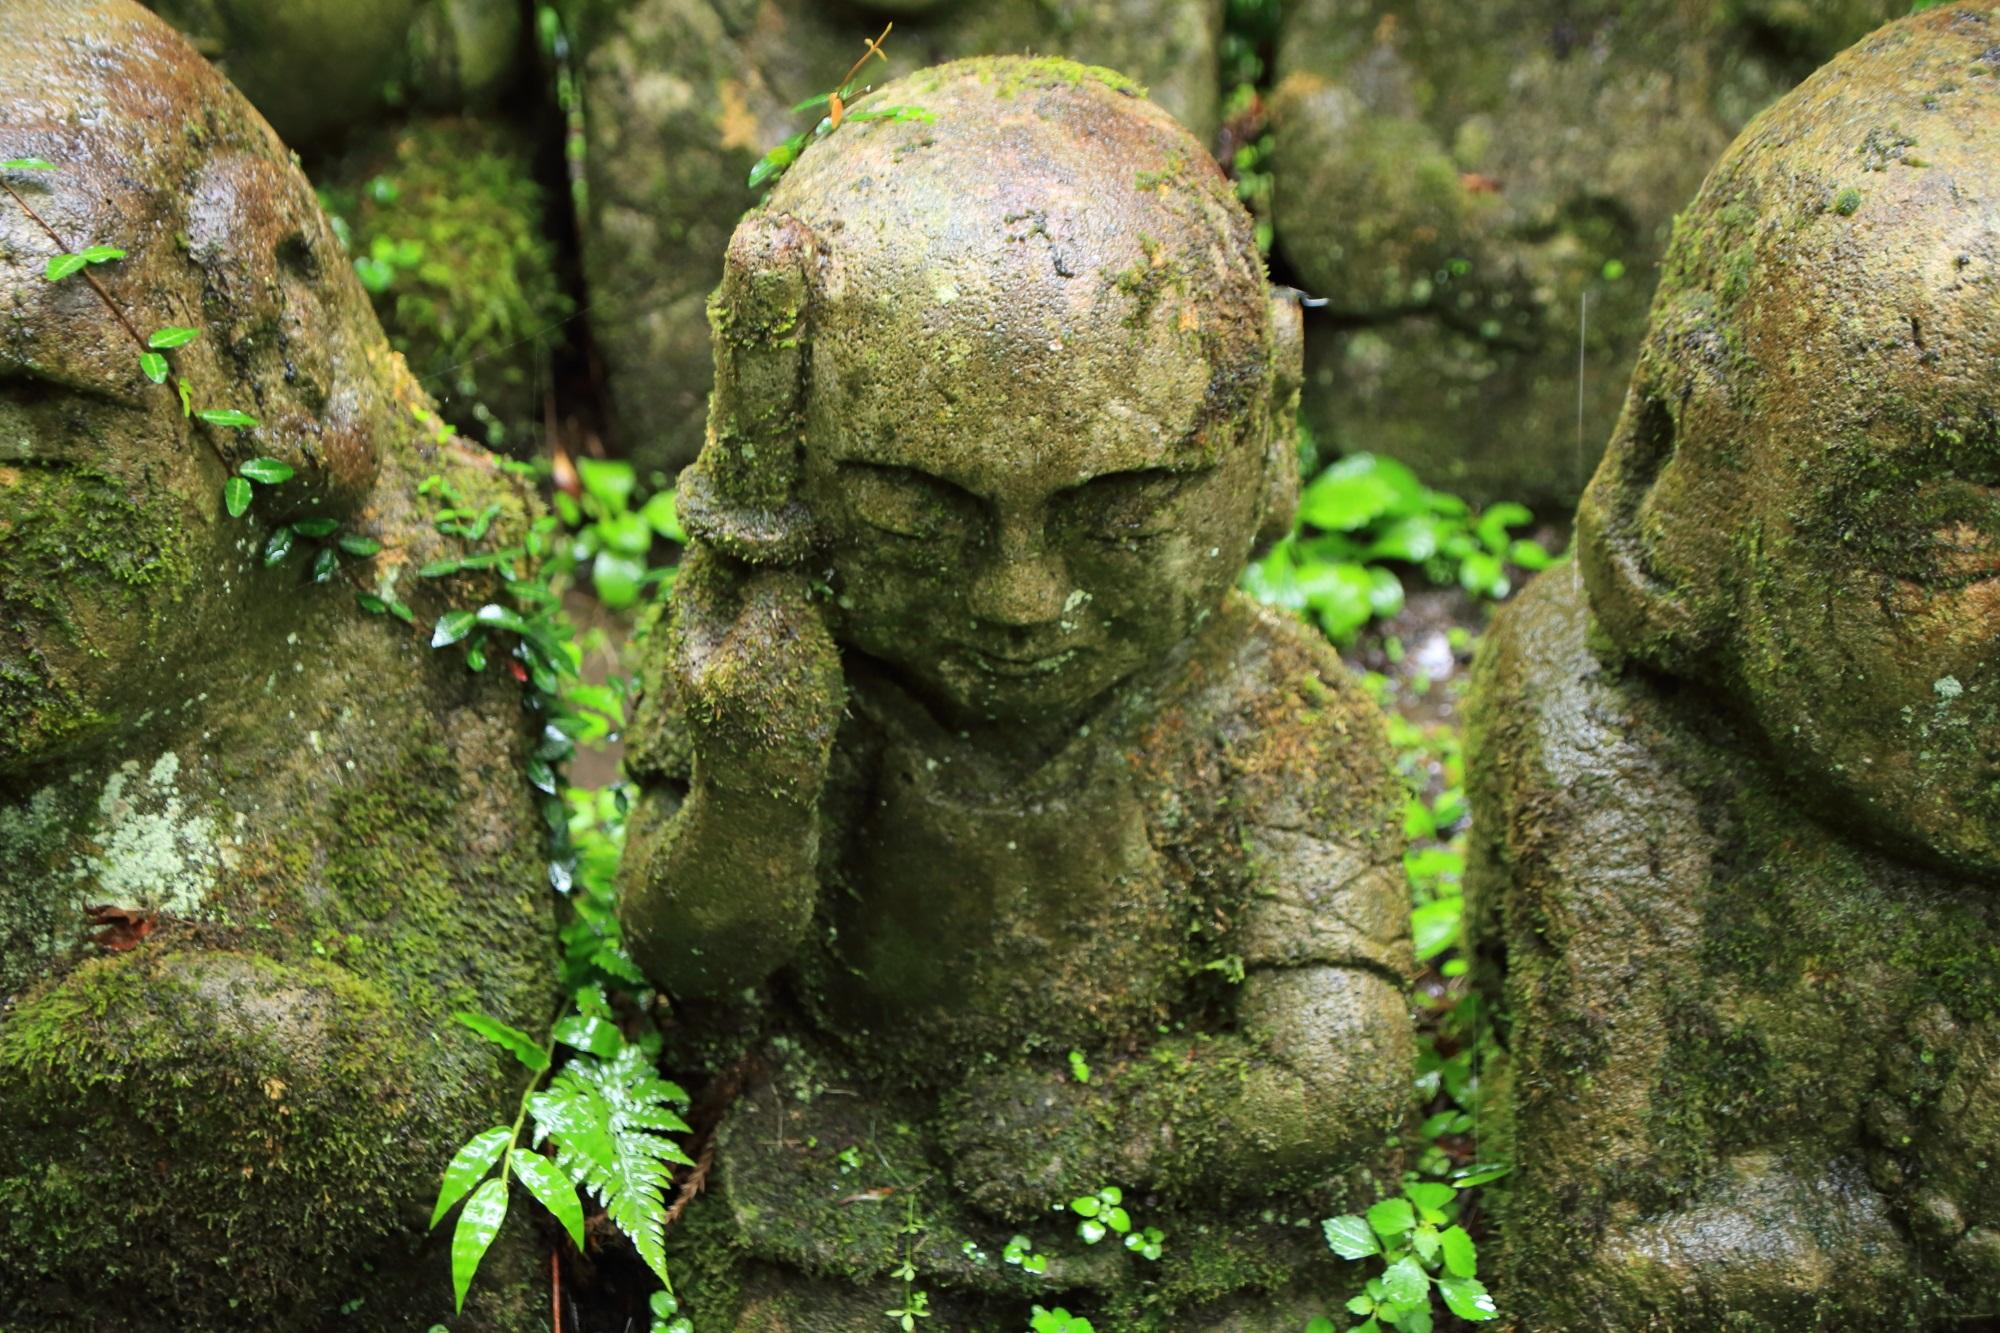 愛宕念仏寺の武士の千二百羅漢